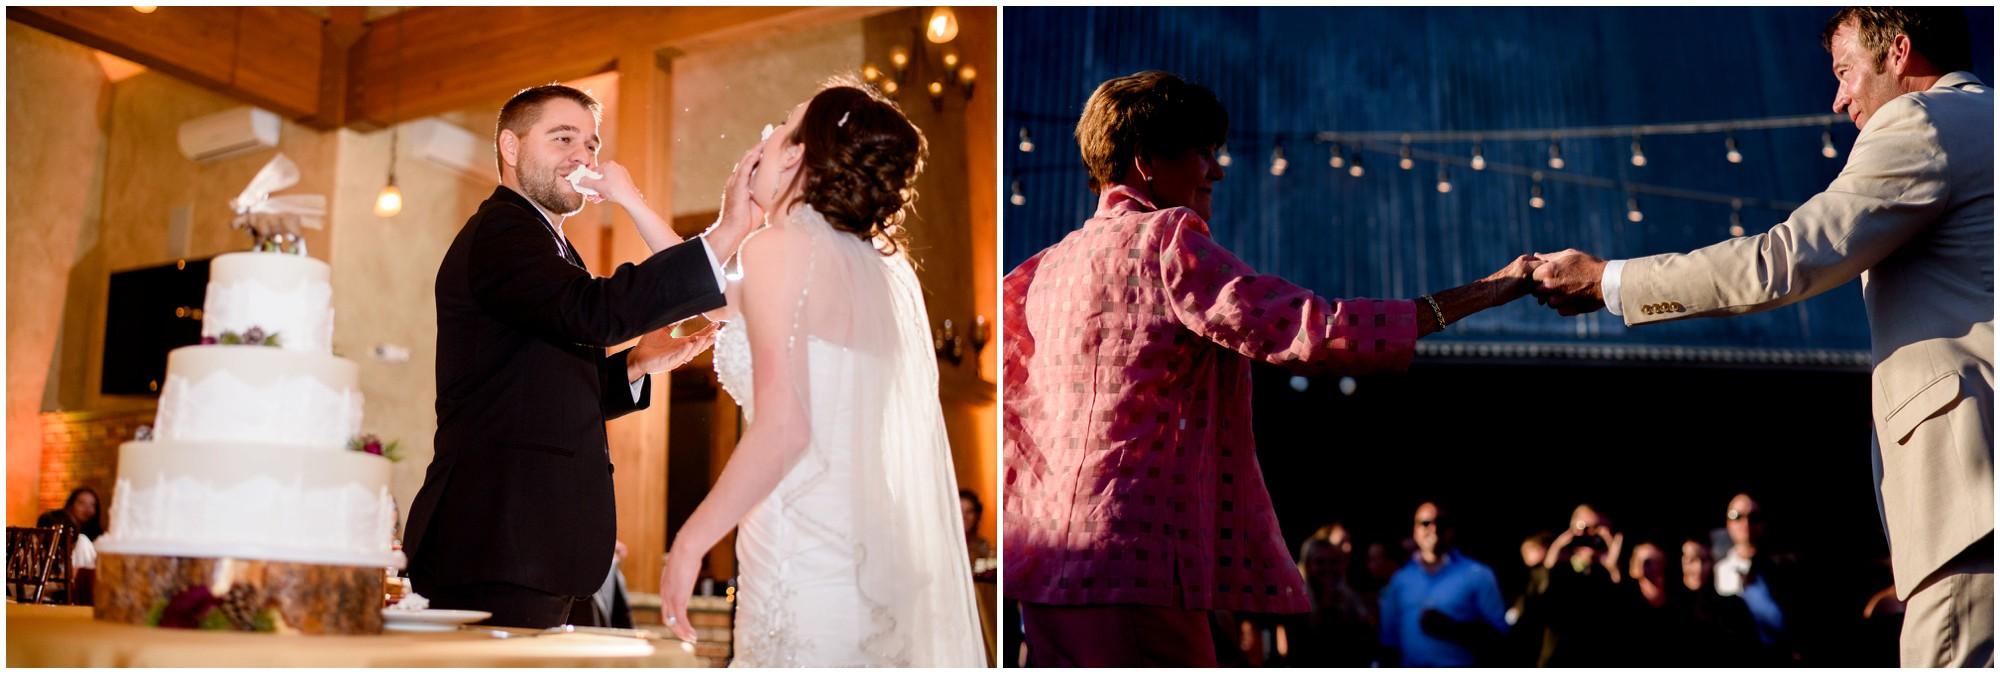 843-Della-terra-Estes-Park-winter-Wedding.jpg